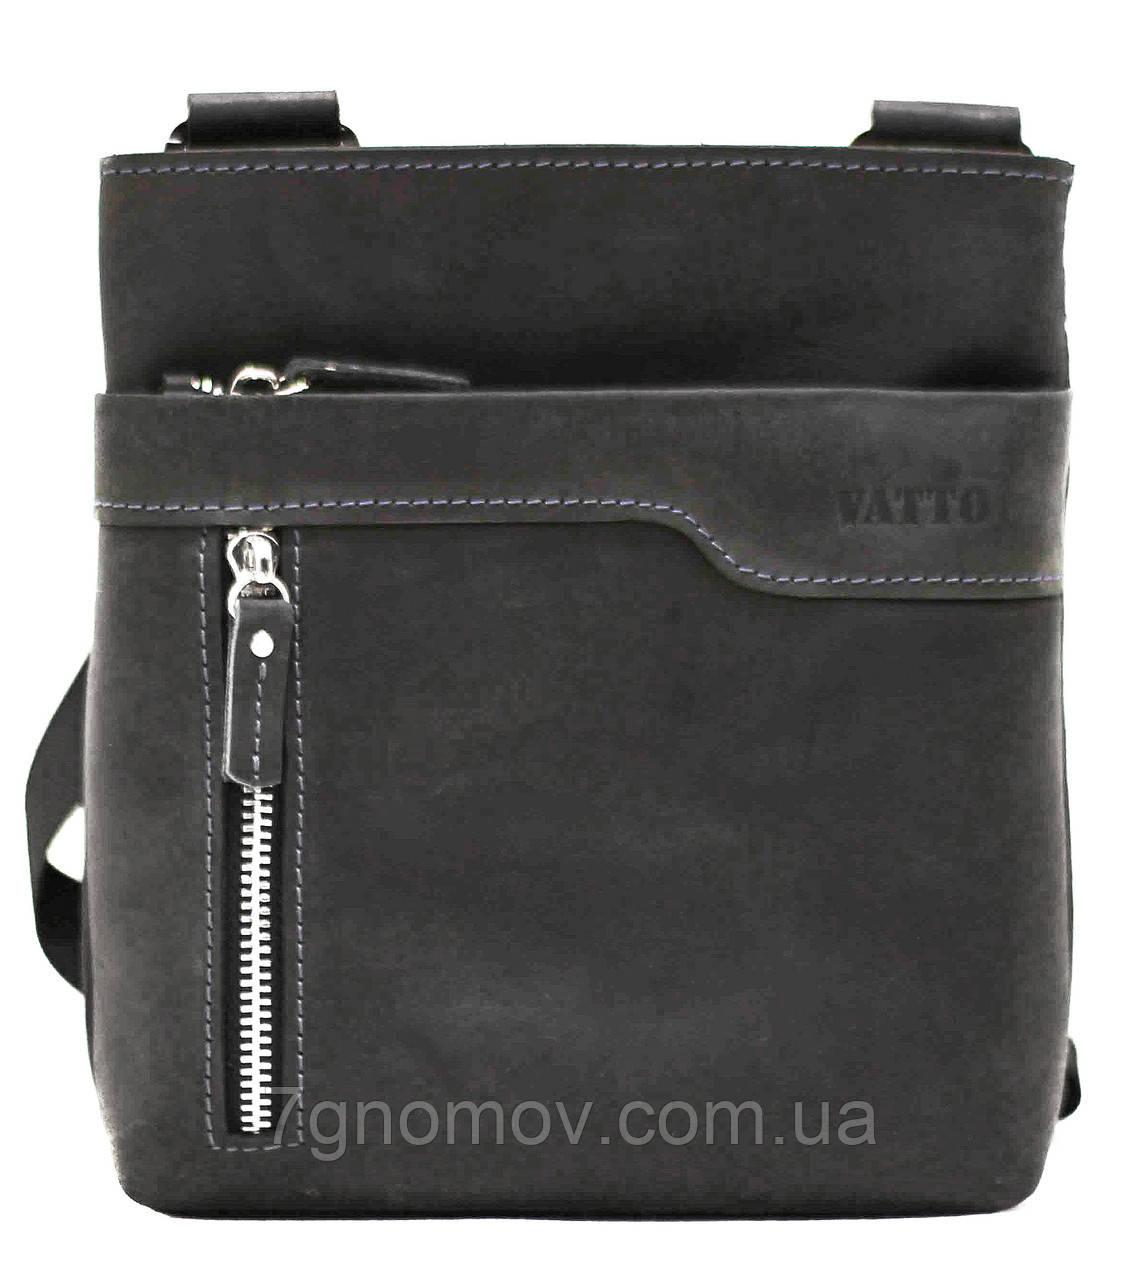 Мужская сумка VATTO Mk13 Kr670